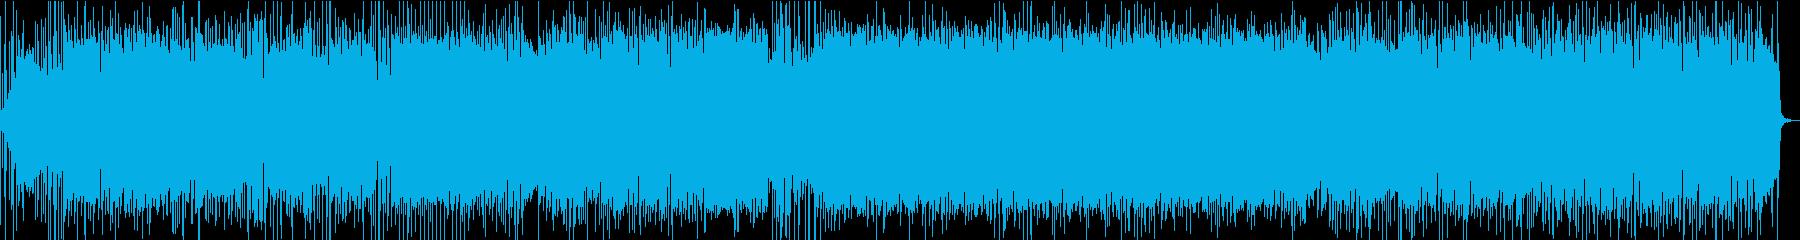 サイケ・ファンク・ロックに竹横笛メロディの再生済みの波形